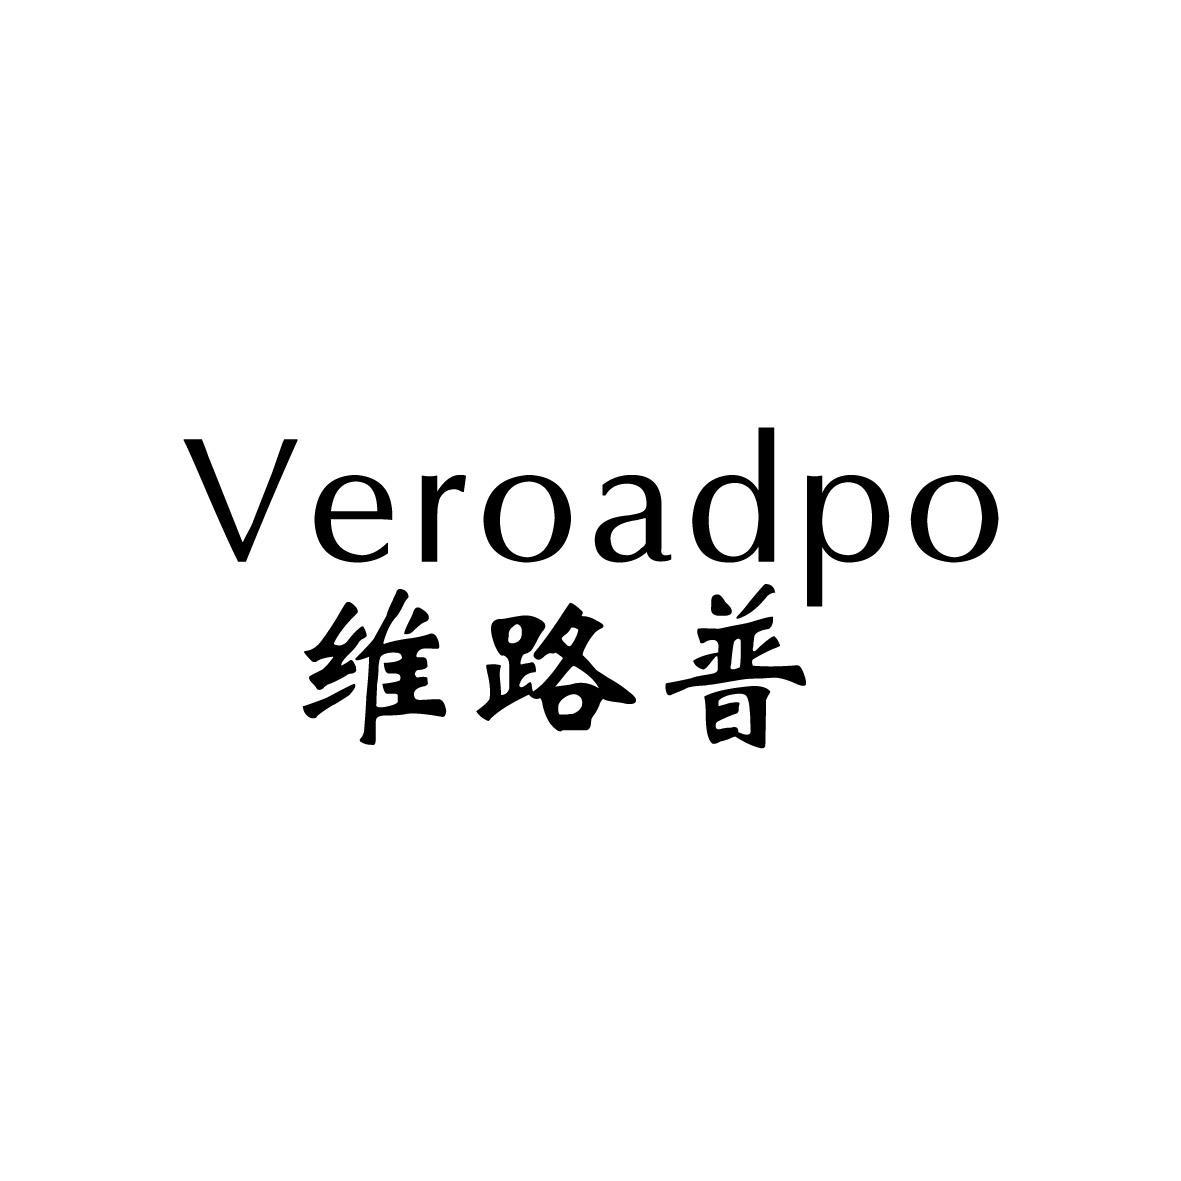 转让商标-维路普 VEROADPO